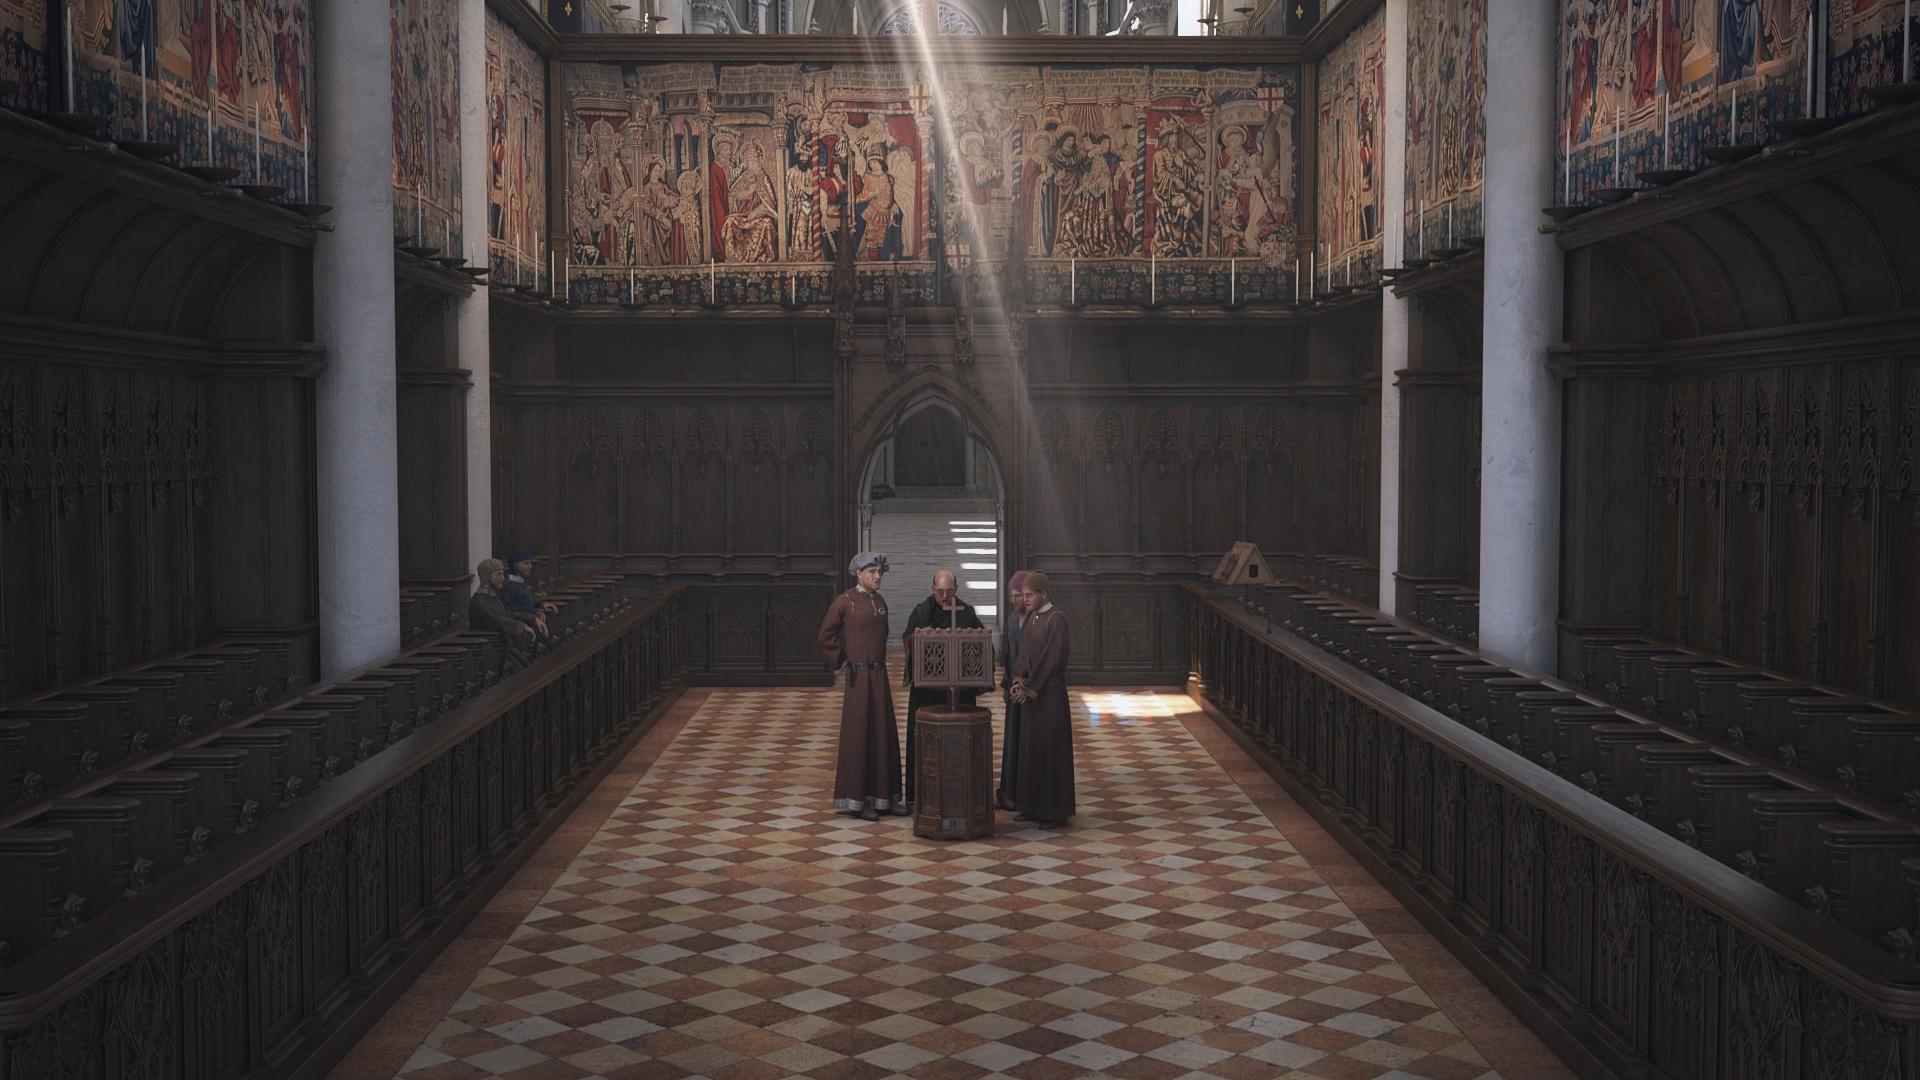 Création d'un film en 3D sur la Renaissance - Agence Dripmoon à Tours